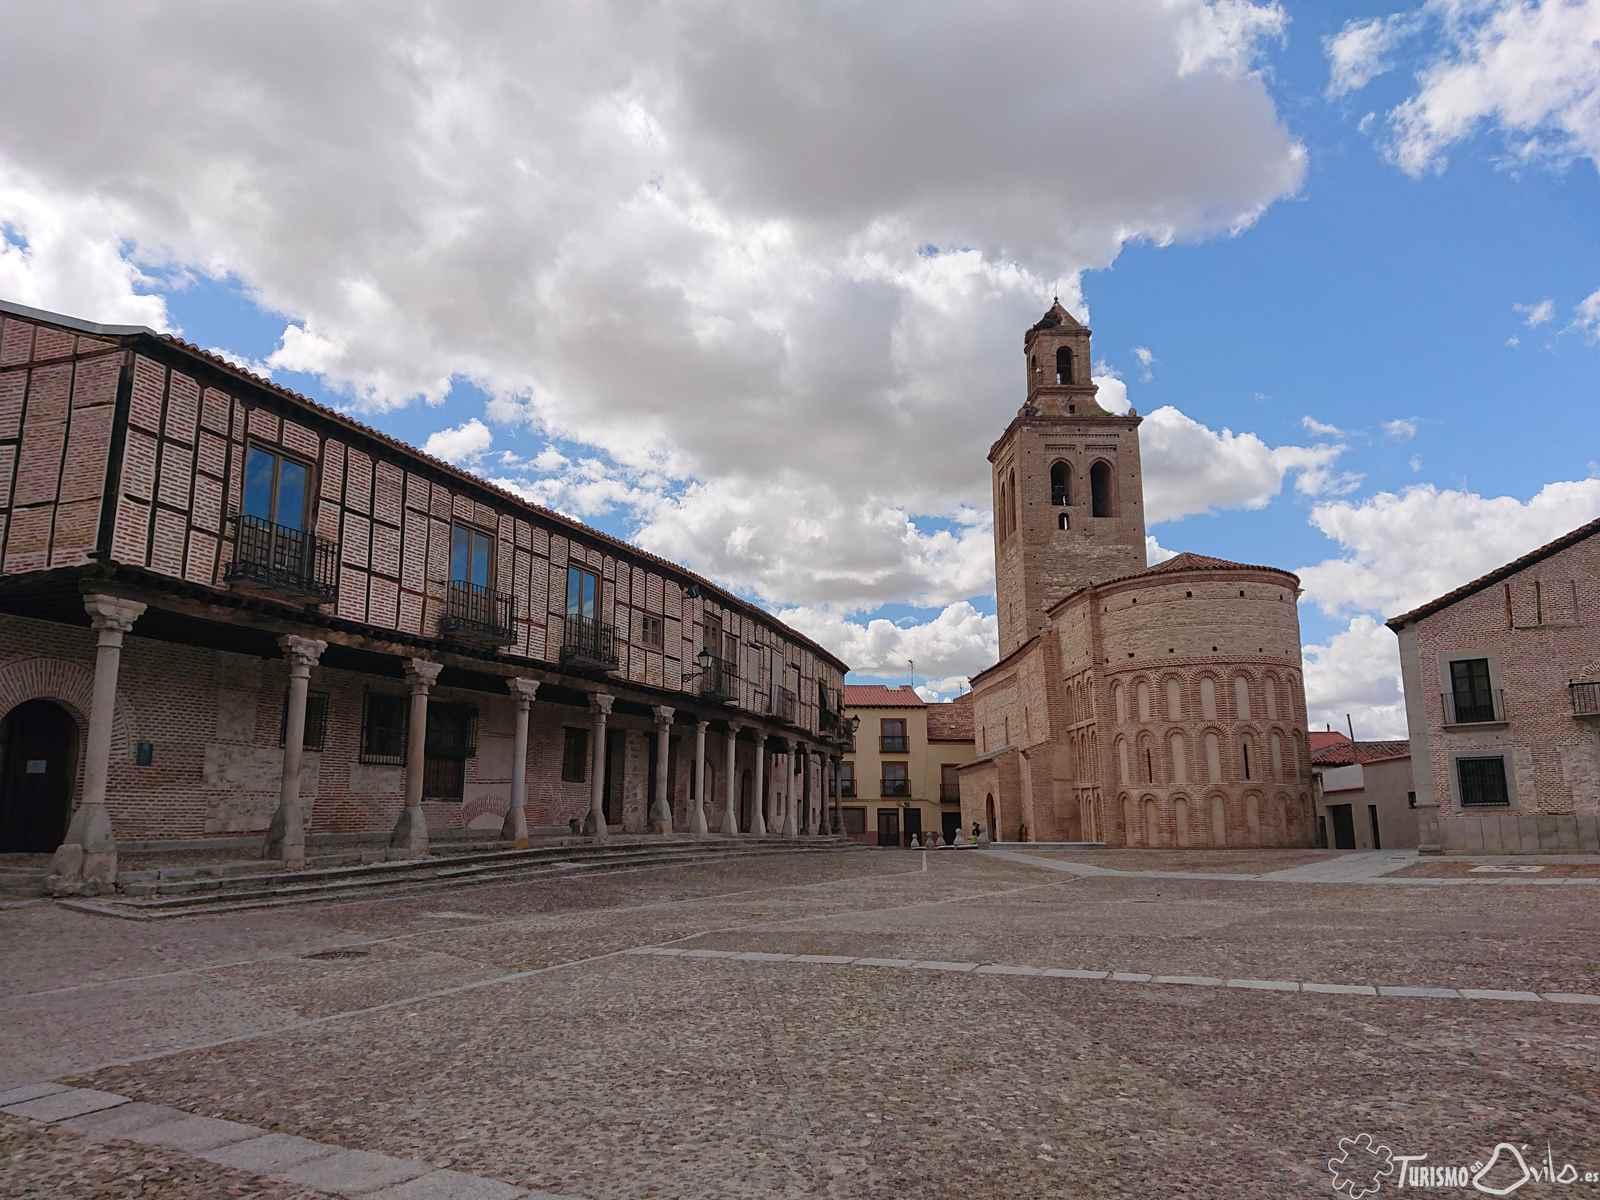 Viendo Ávila, desde lo alto de la Muralla